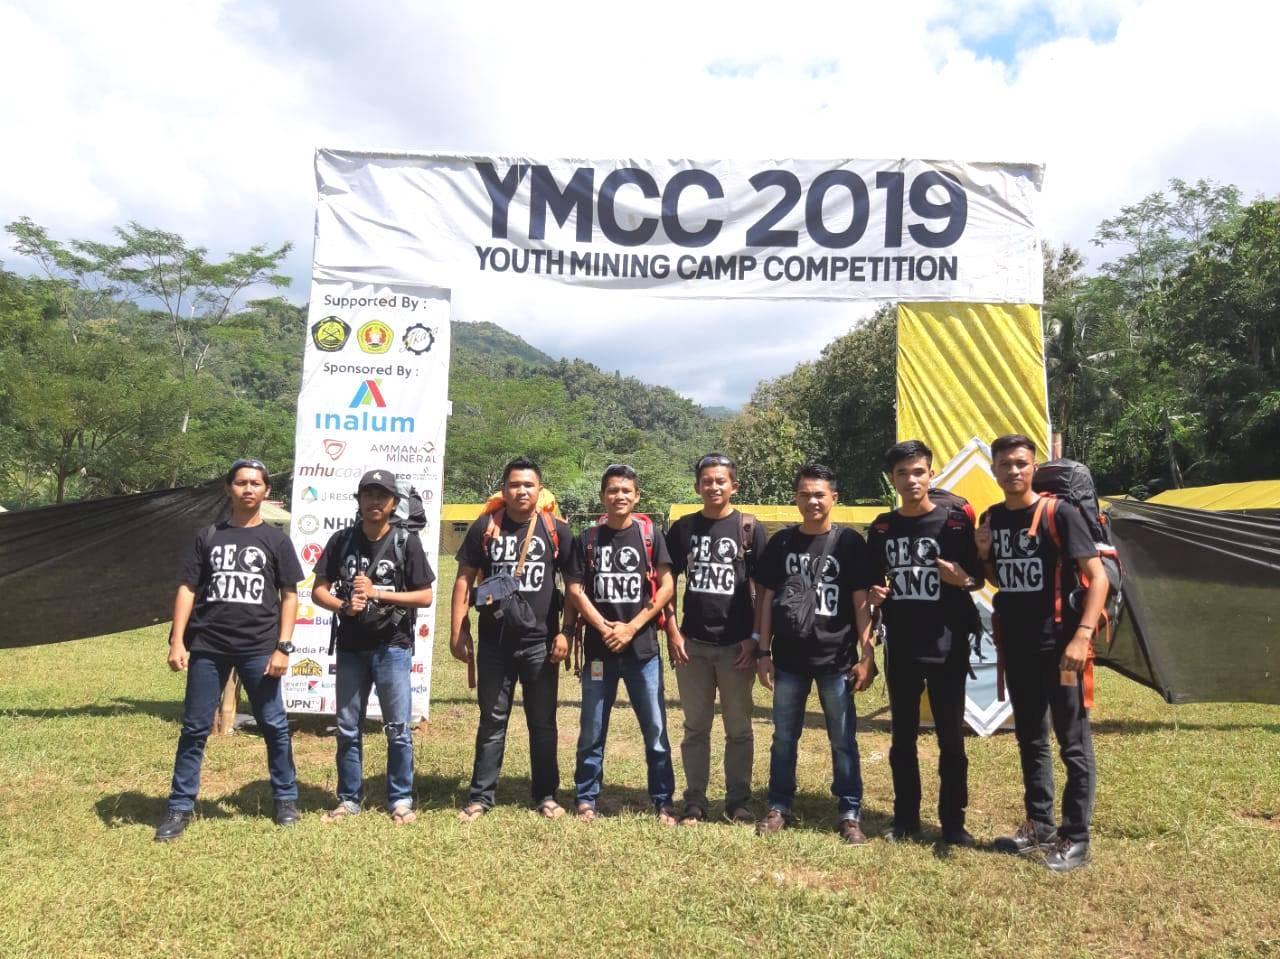 Mahasiswa STTIND meriahkan YMCC (YOUTH MINING CAMP COMPETITION) 2019 di Yogyakarta